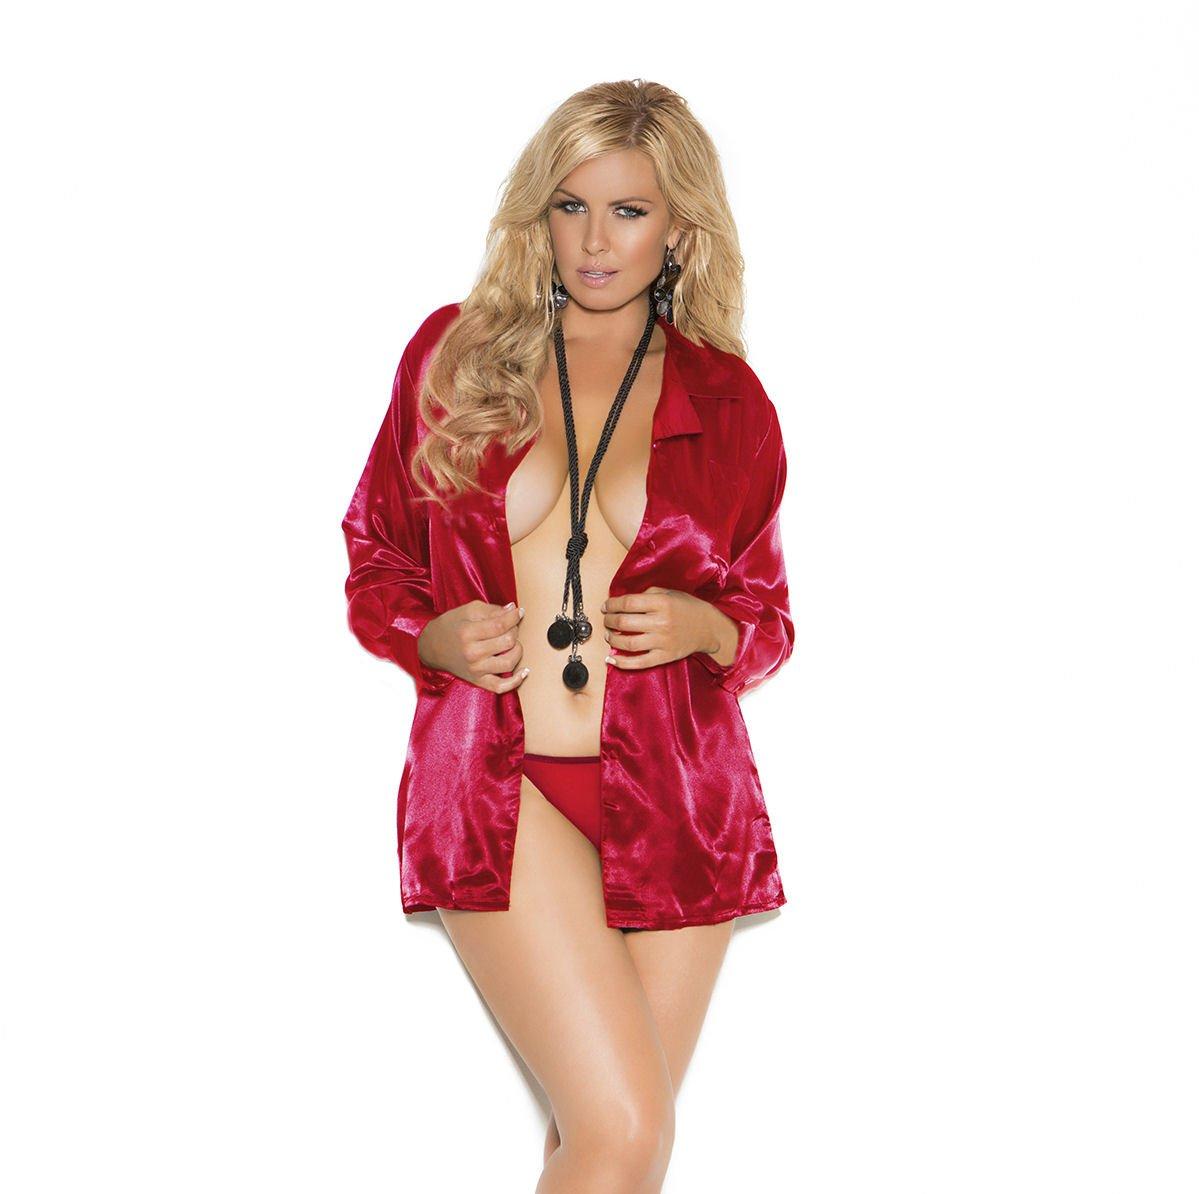 Red Charmeuse Satin Long Sleeve Sleep Shirt - 1X